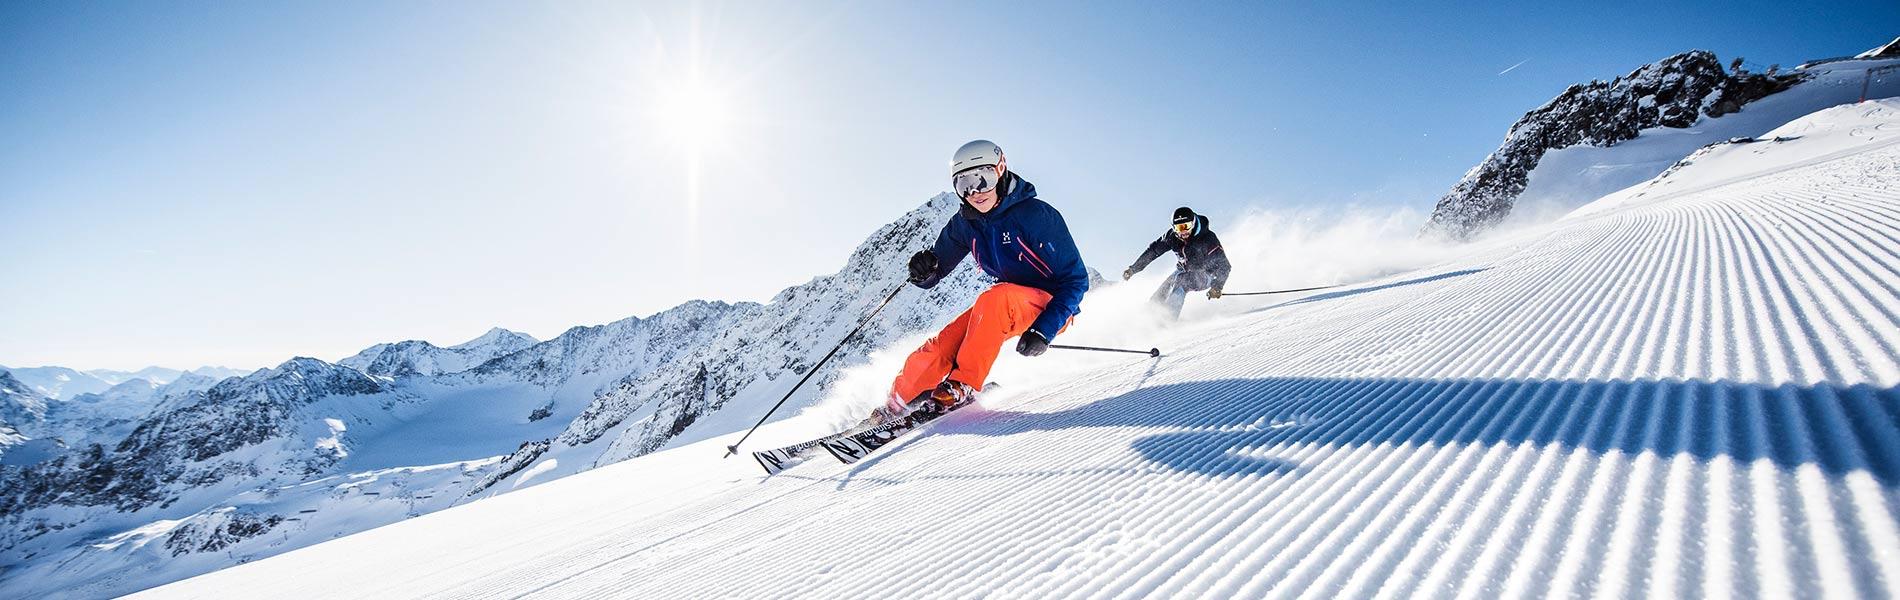 Ski Opening Herbstskilauf im Stubaital in Tirol Hotel Happy Stubai